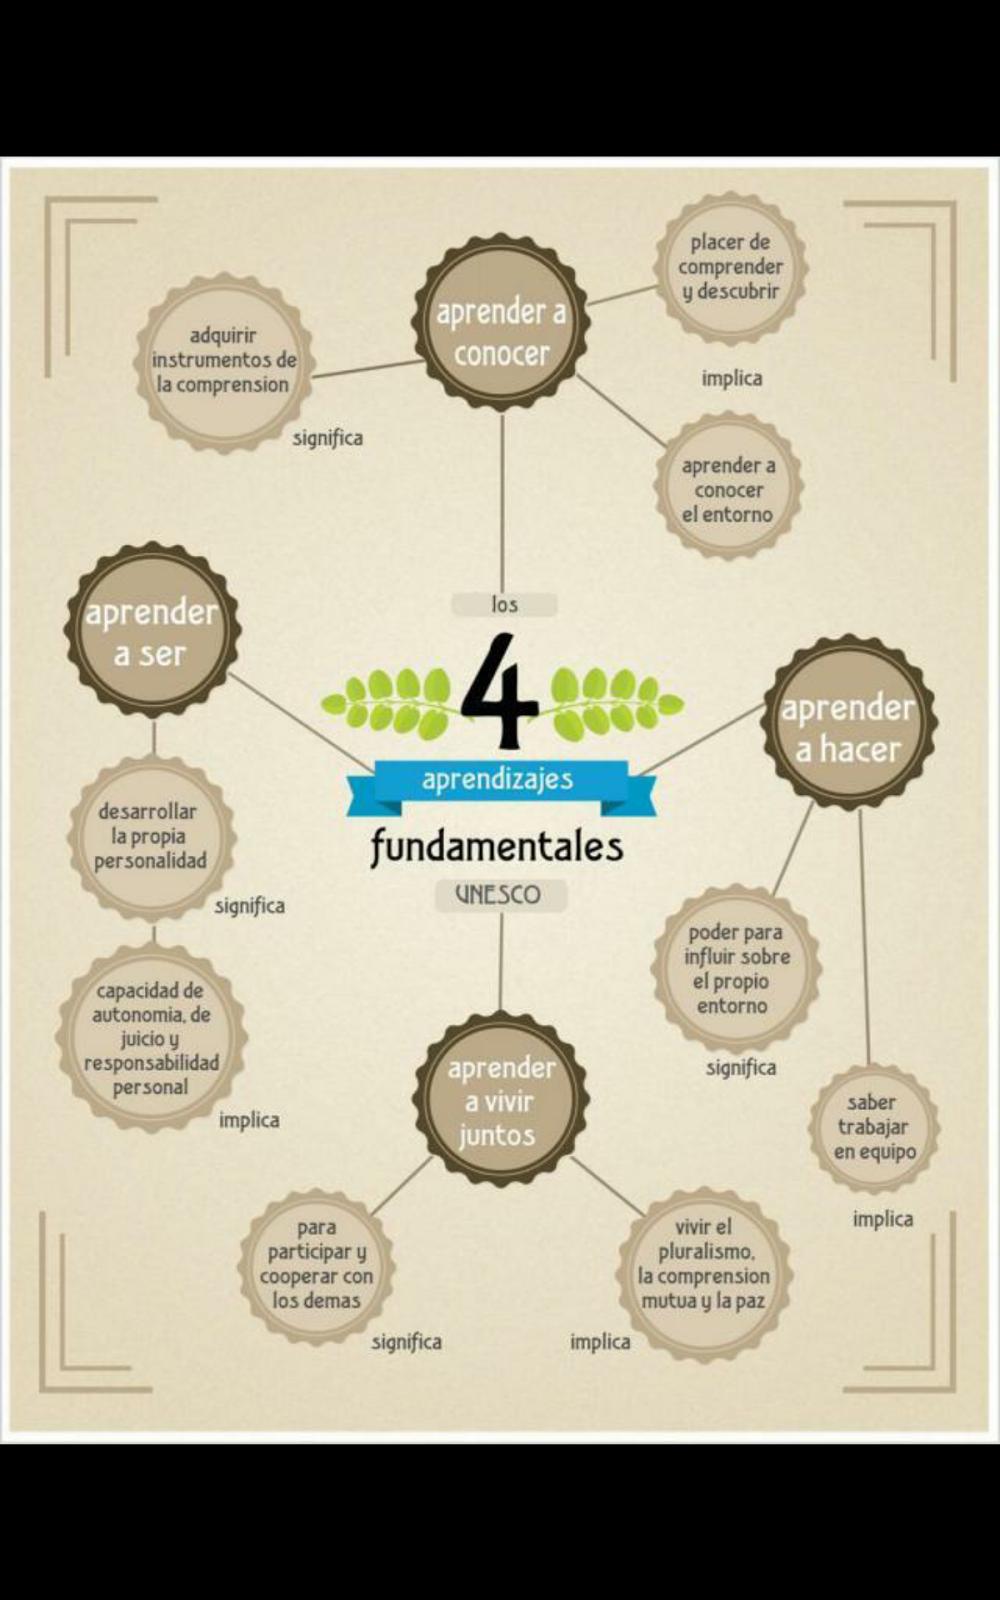 CUATRO APRENDIZAJES FUNDAMENTALE. UNESCO